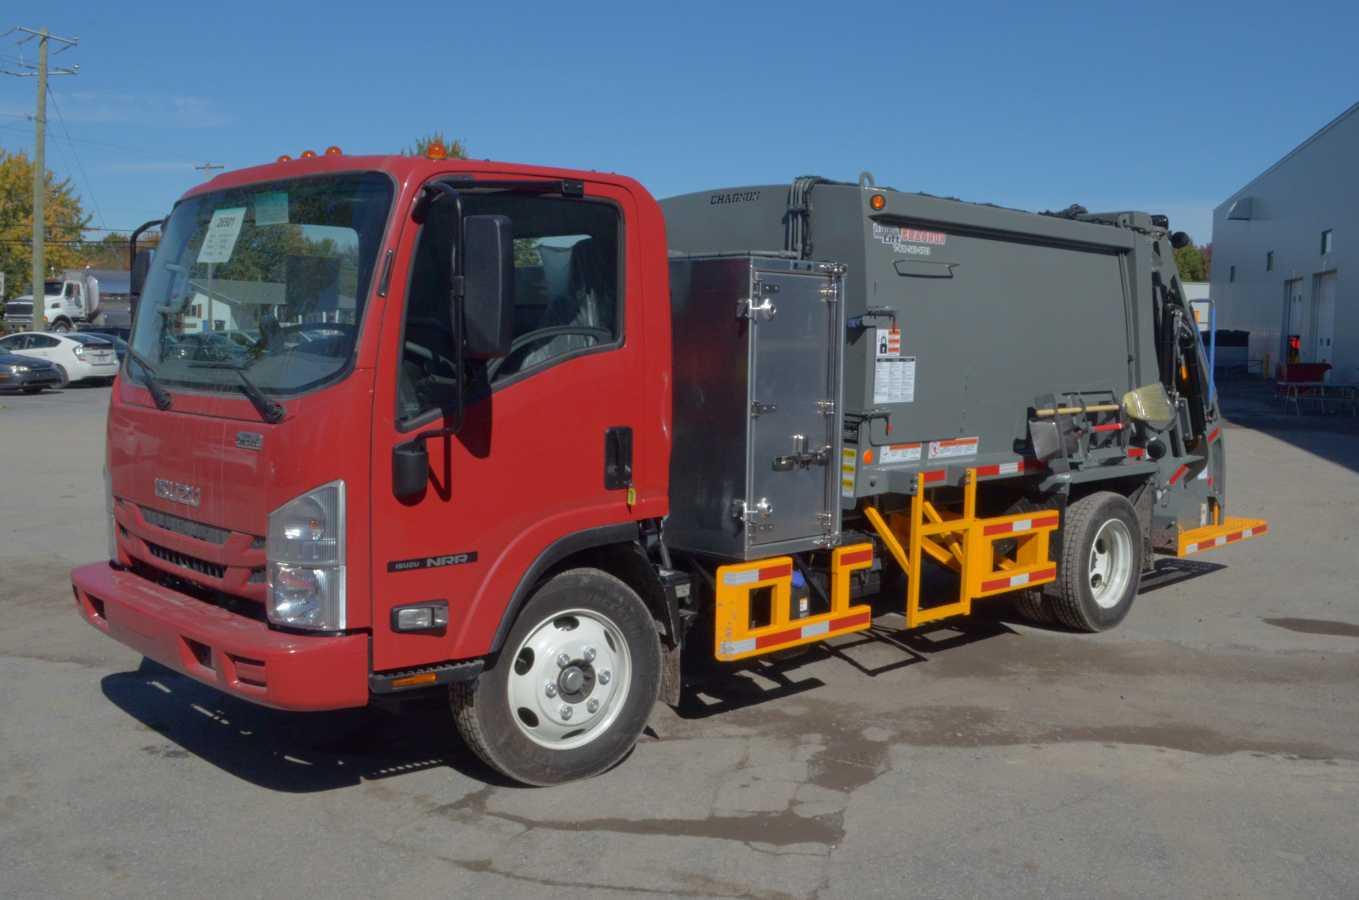 Tracker rear loader